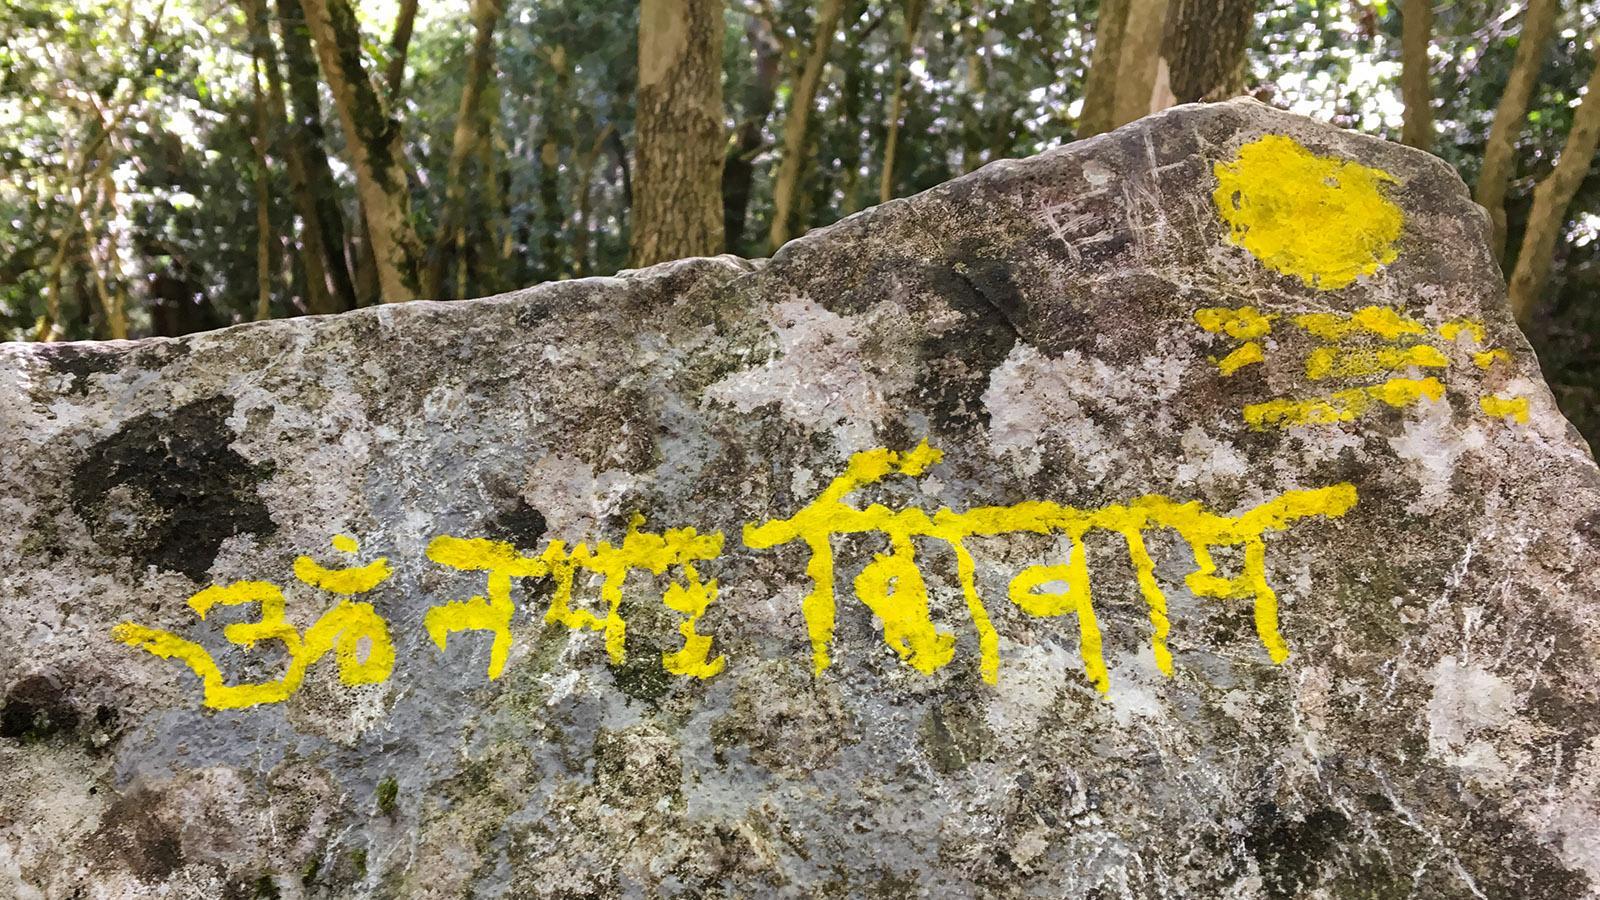 Pech de Bugarach: Mitten im Bergwald: Devanagiri auf dem Stein - wer verrät mir, was dort steht? Foto: Hilke Maunder